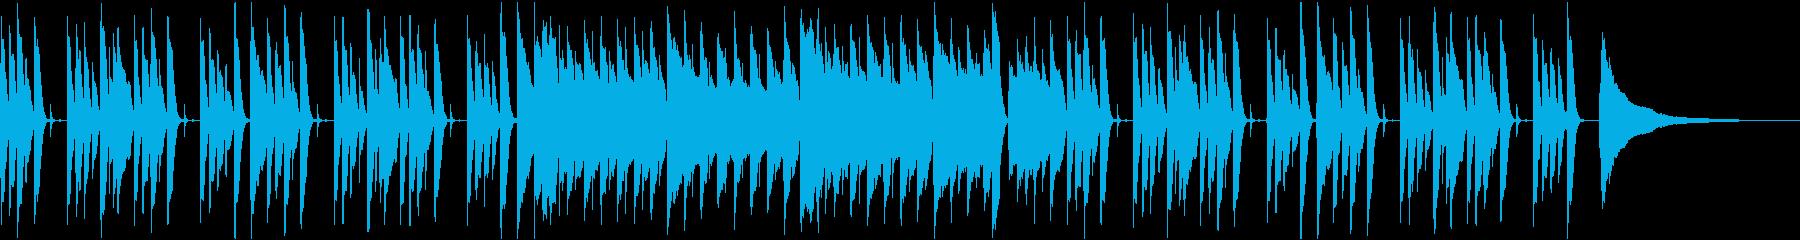 首をかしげるようなコミカルな日常BGMの再生済みの波形